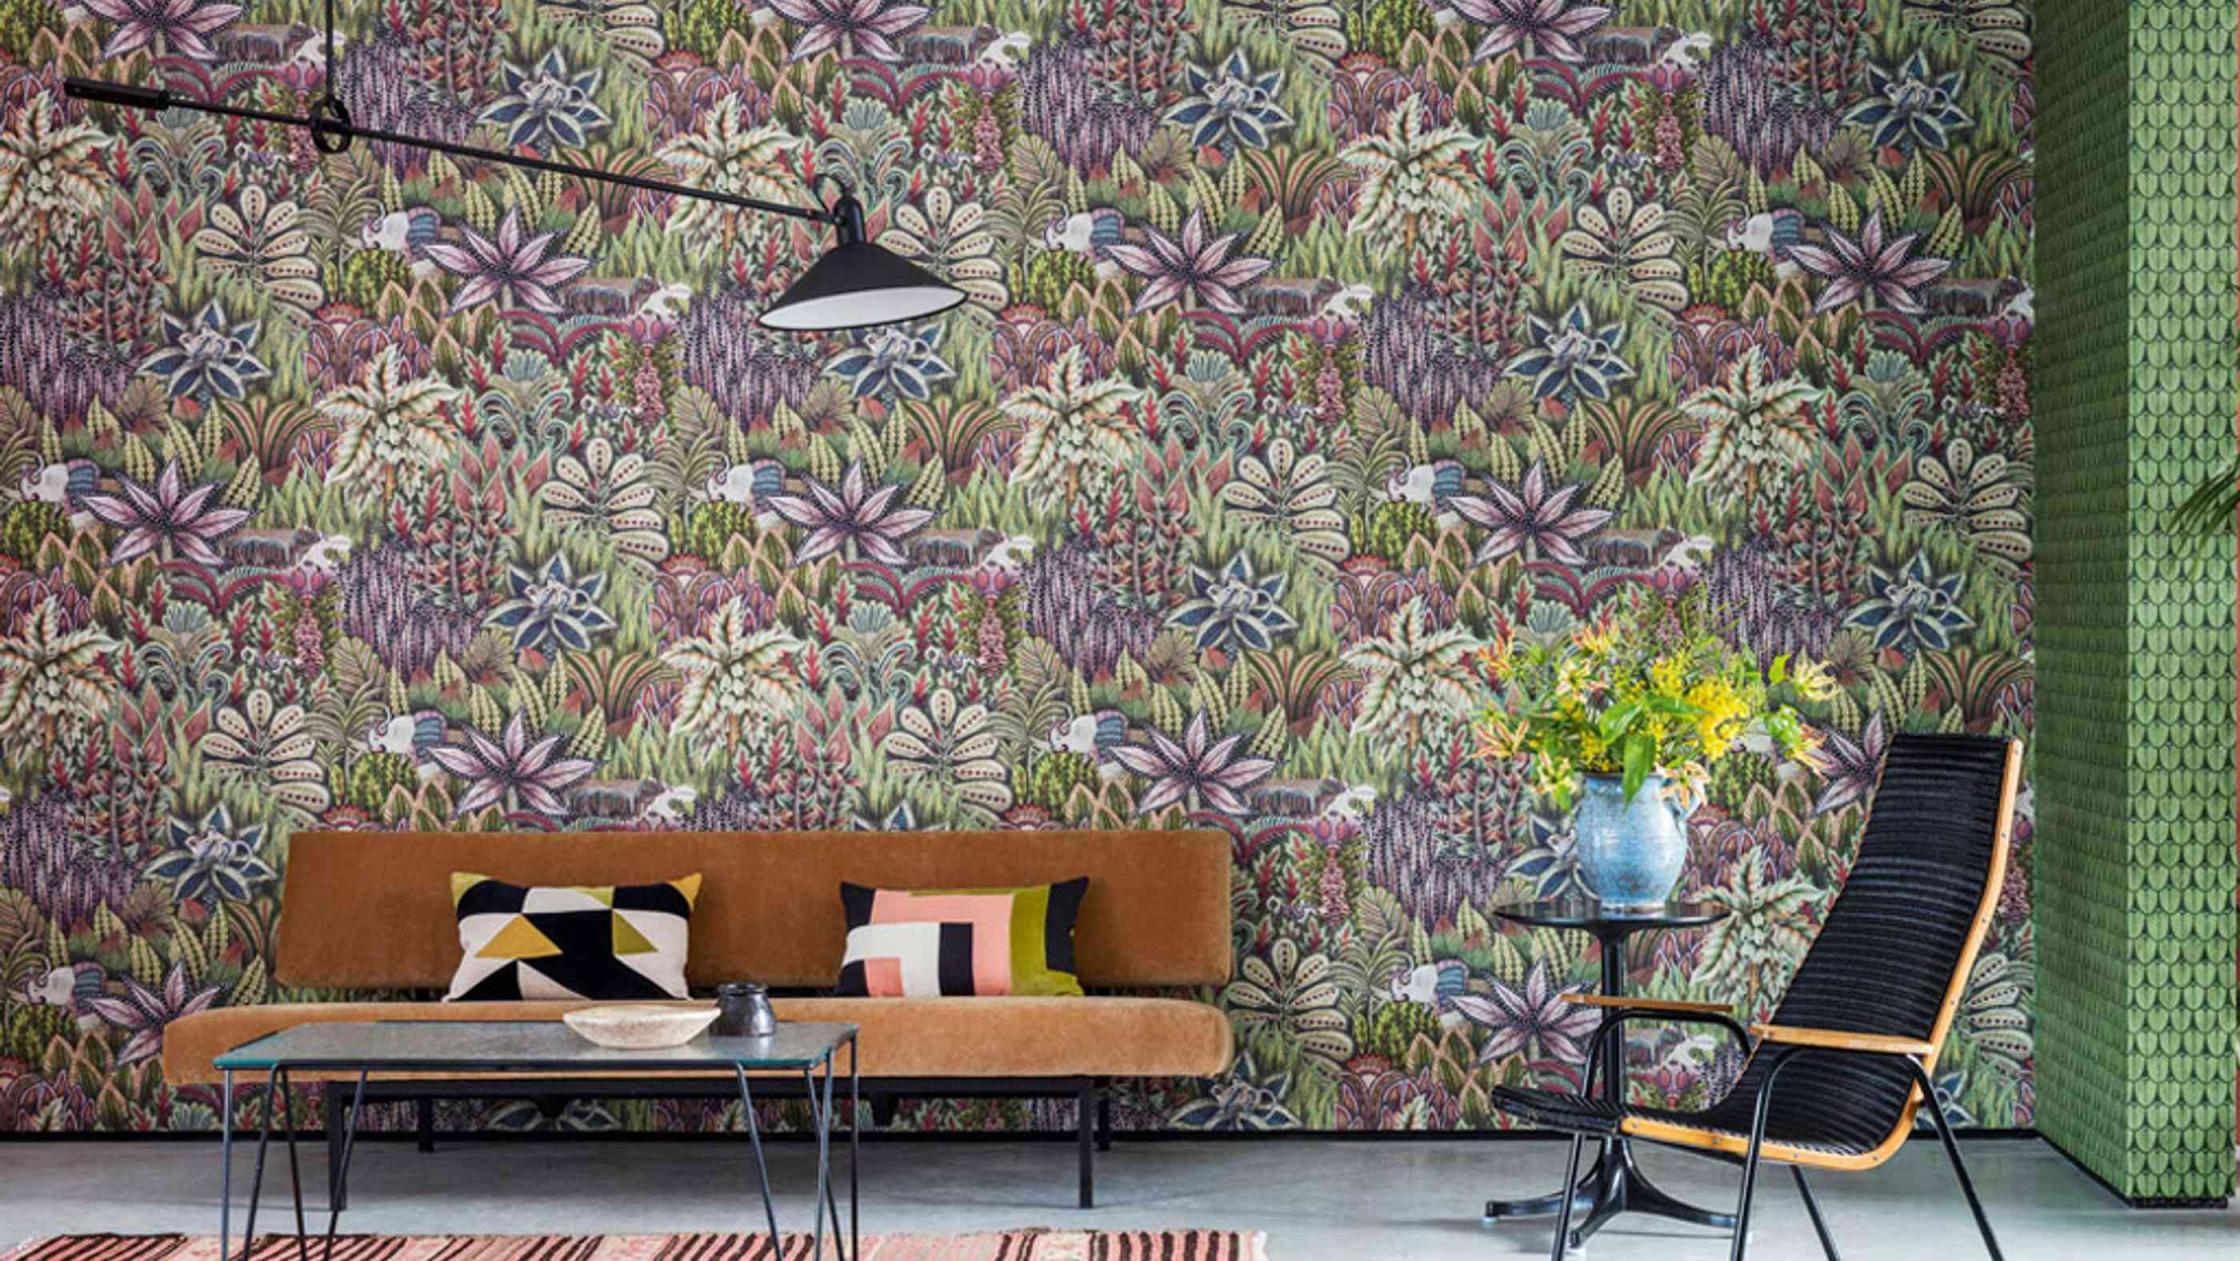 Wandgestaltung Im Wohnzimmer Tipps Zu Farben Tapeten von Wohnzimmer Gestalten Tapete Bild